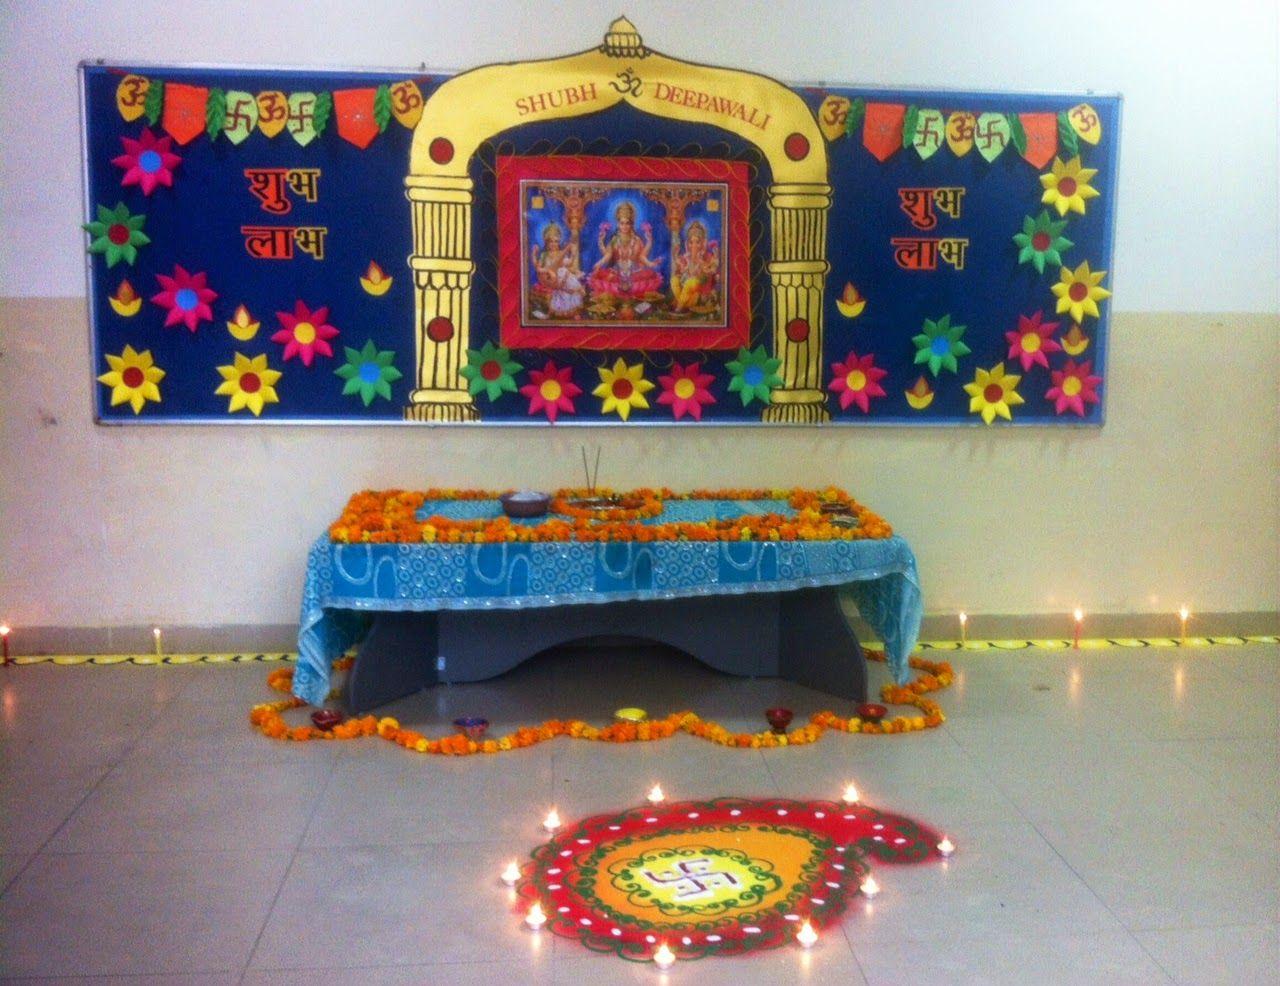 A blog about art  for diwali decoration ideas for school on board  67qdu